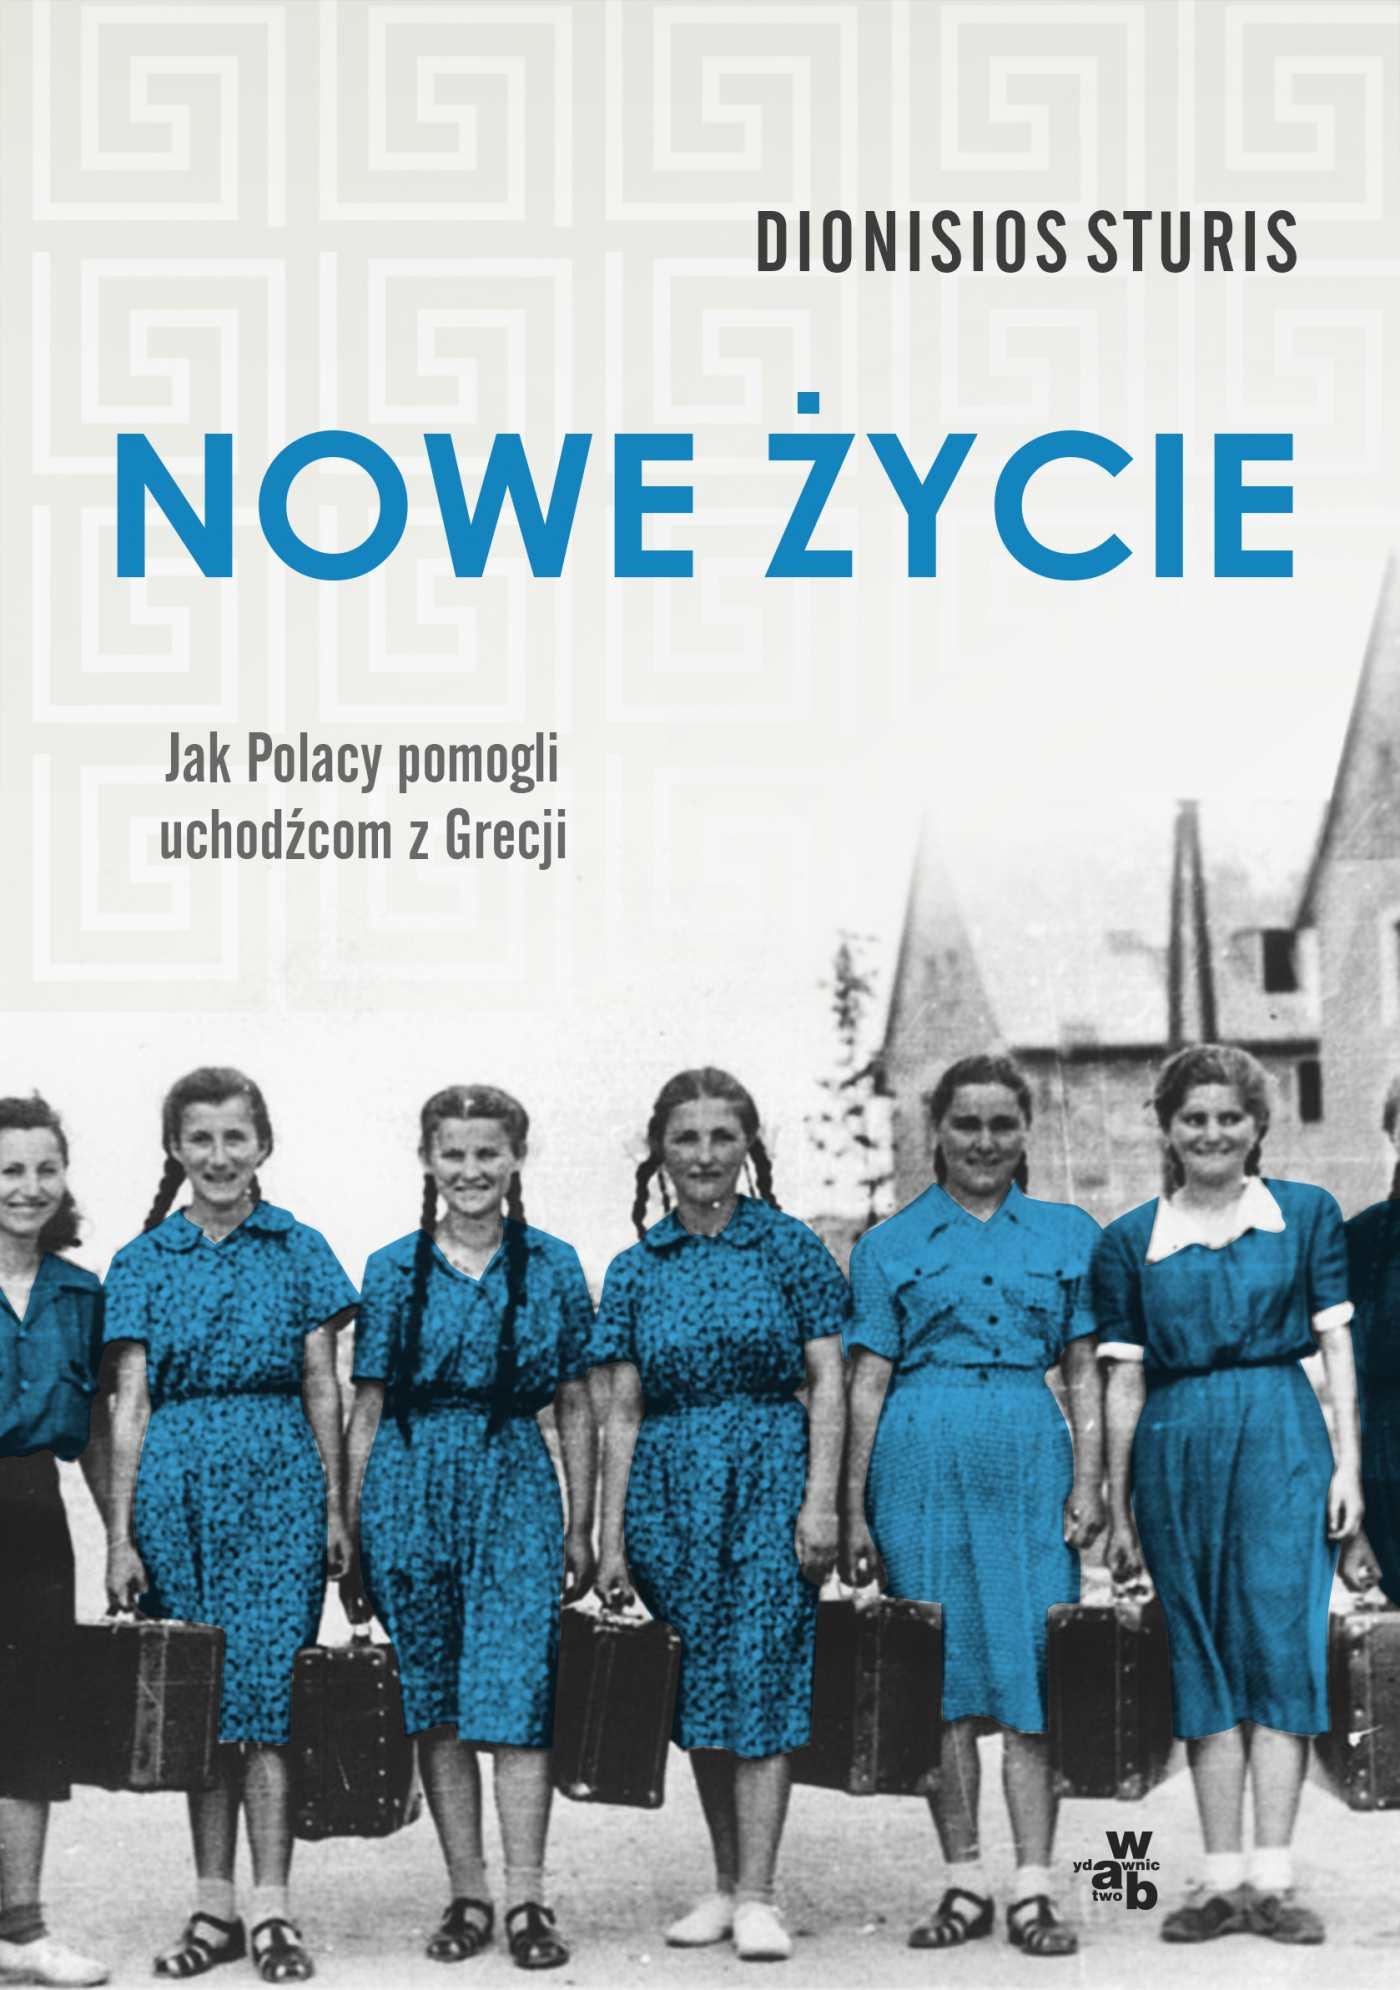 Nowe życie. Jak Polacy pomogli uchodźcom z Grecji - Ebook (Książka EPUB) do pobrania w formacie EPUB